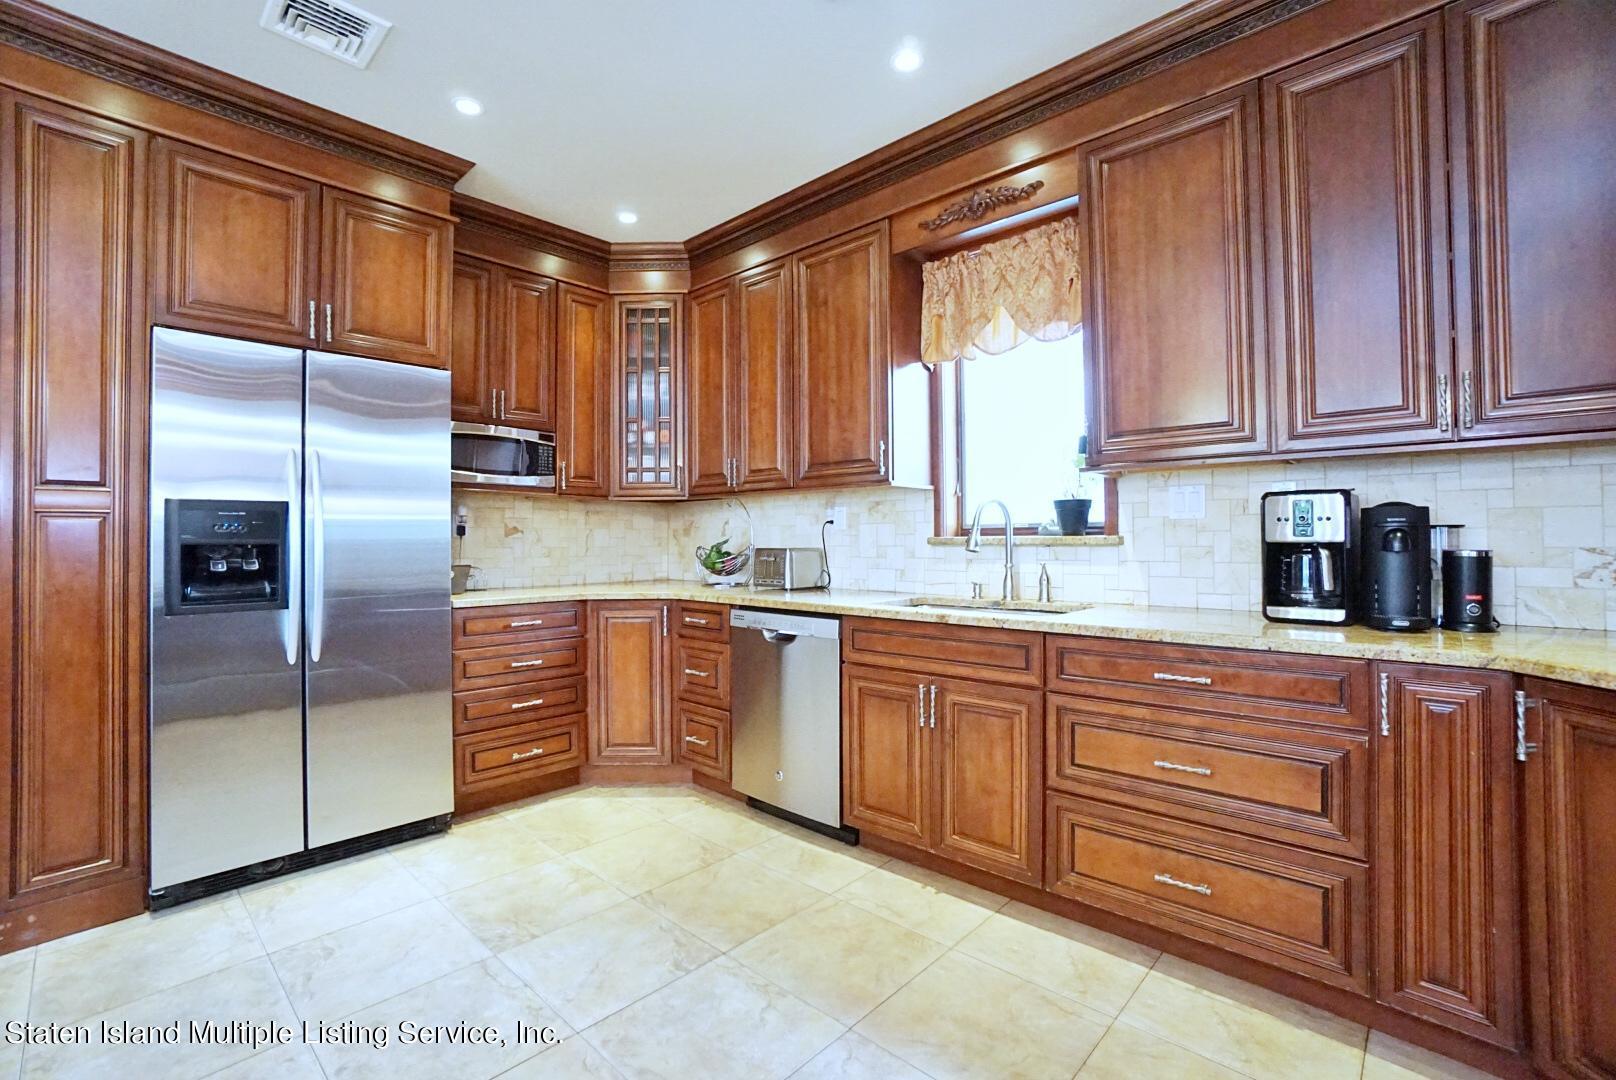 Single Family - Detached 206 Ramapo Avenue  Staten Island, NY 10309, MLS-1147193-13